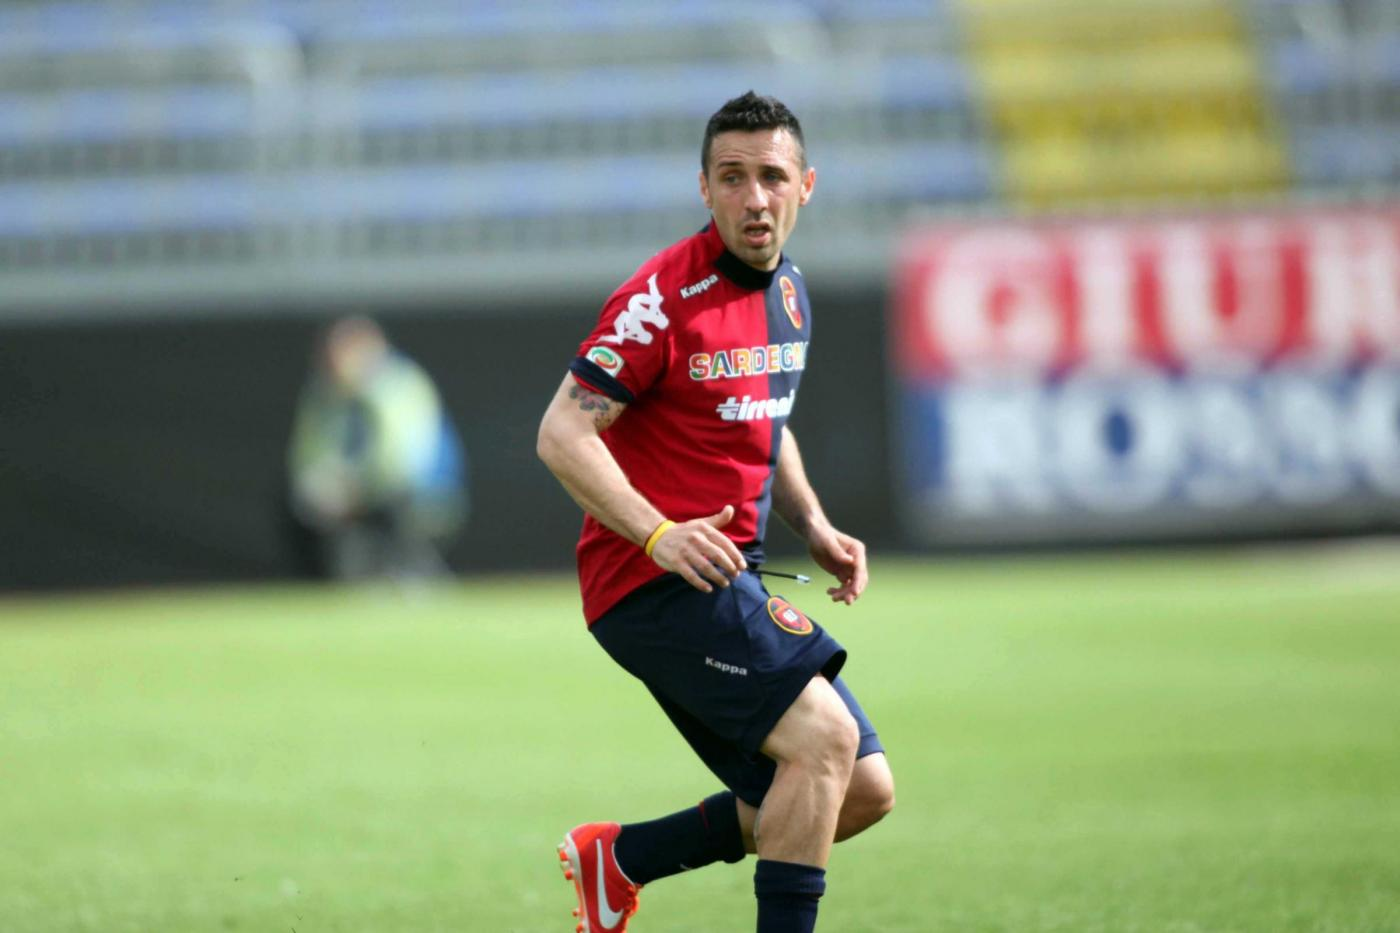 Cagliari inguardabile, il Chievo serve la seconda sconfitta di fila alla Sardegna Arena per i rossoblù